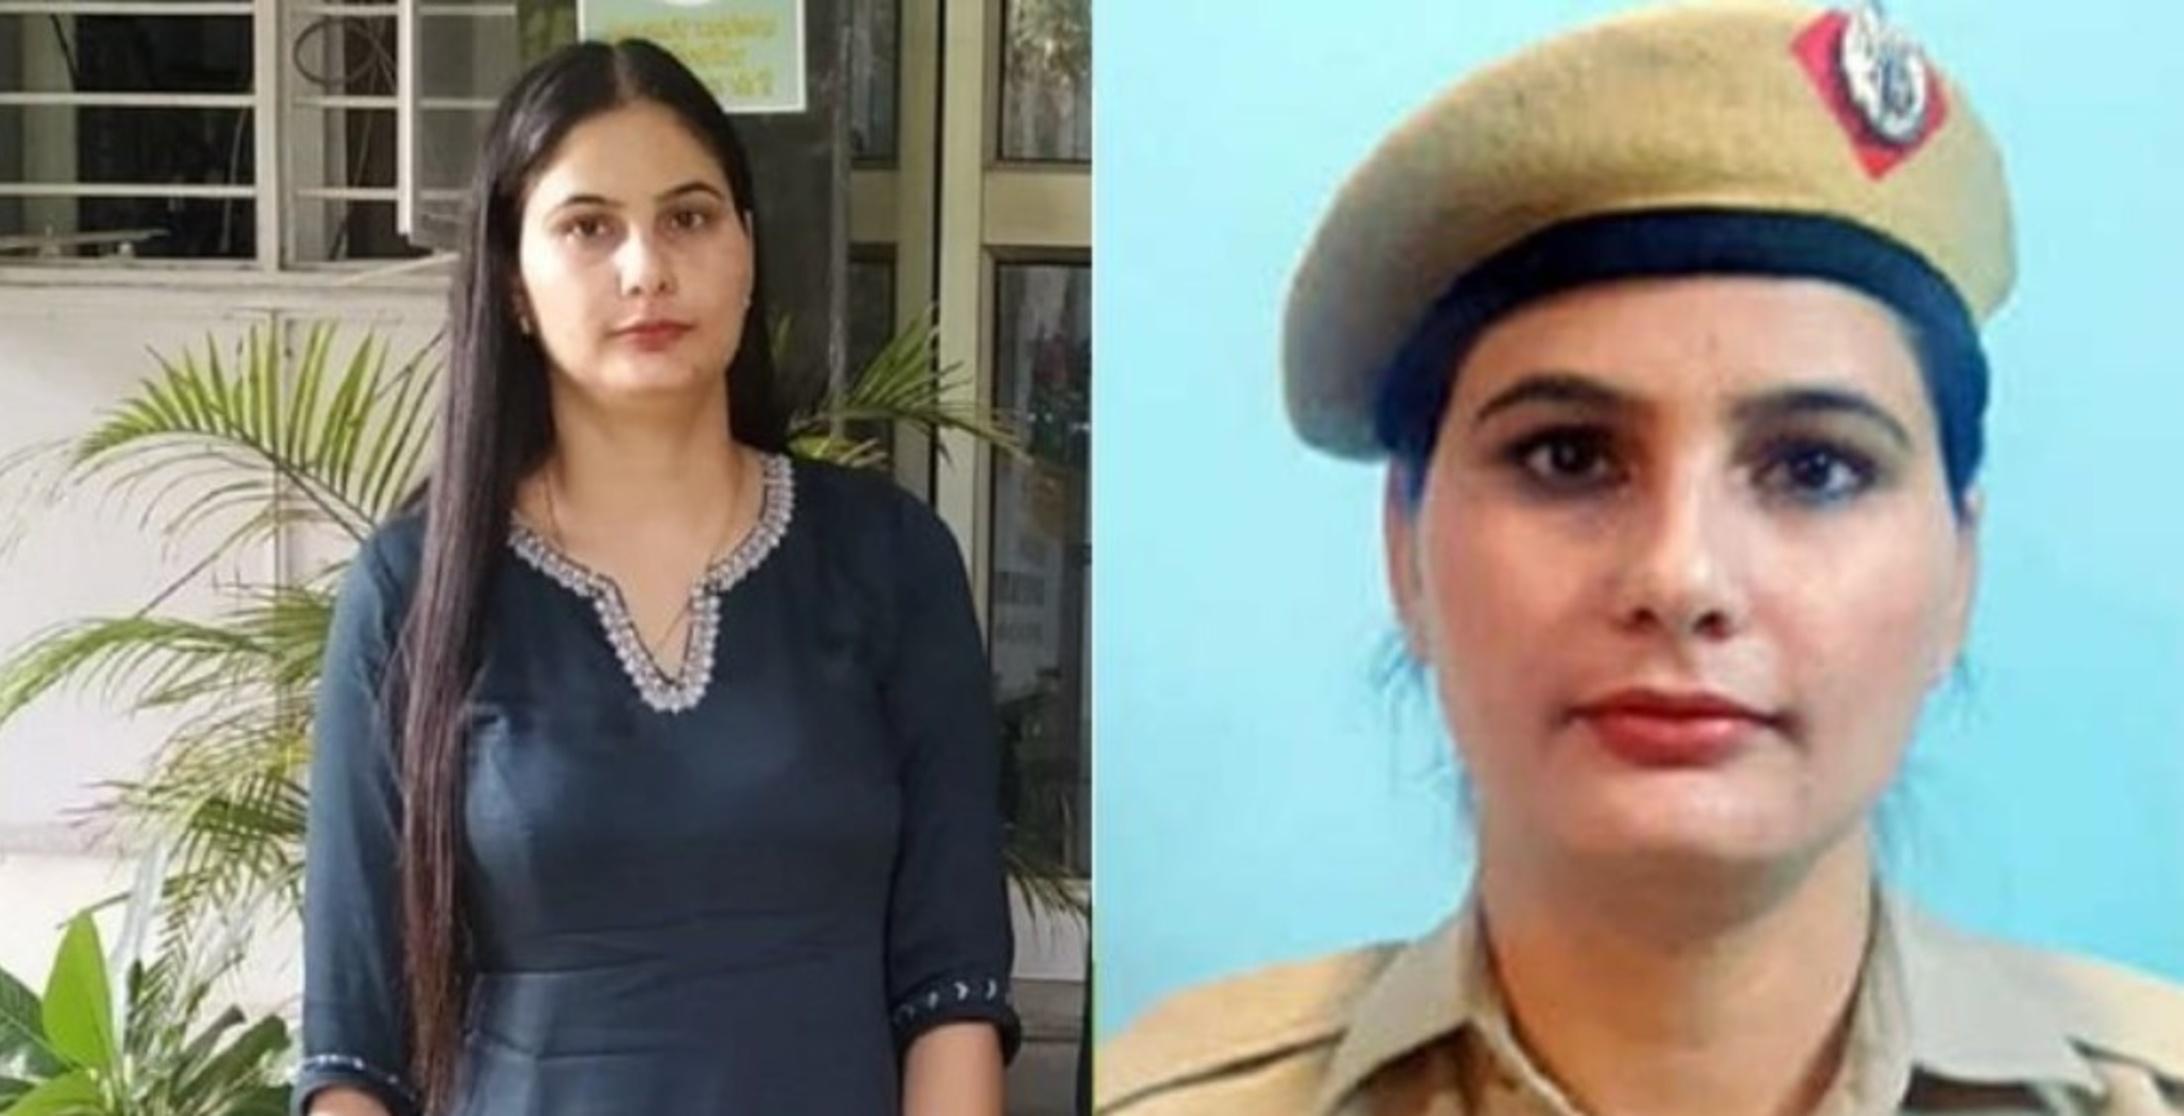 आउट ऑफ टर्न प्रमोशन पाने वाली दिल्ली की पहली अफ़सर बनीं सीमा, गुम हुए 76  बच्चों को बचाईं ।seema dhaka became first delhi police officer to get out  turn promotion